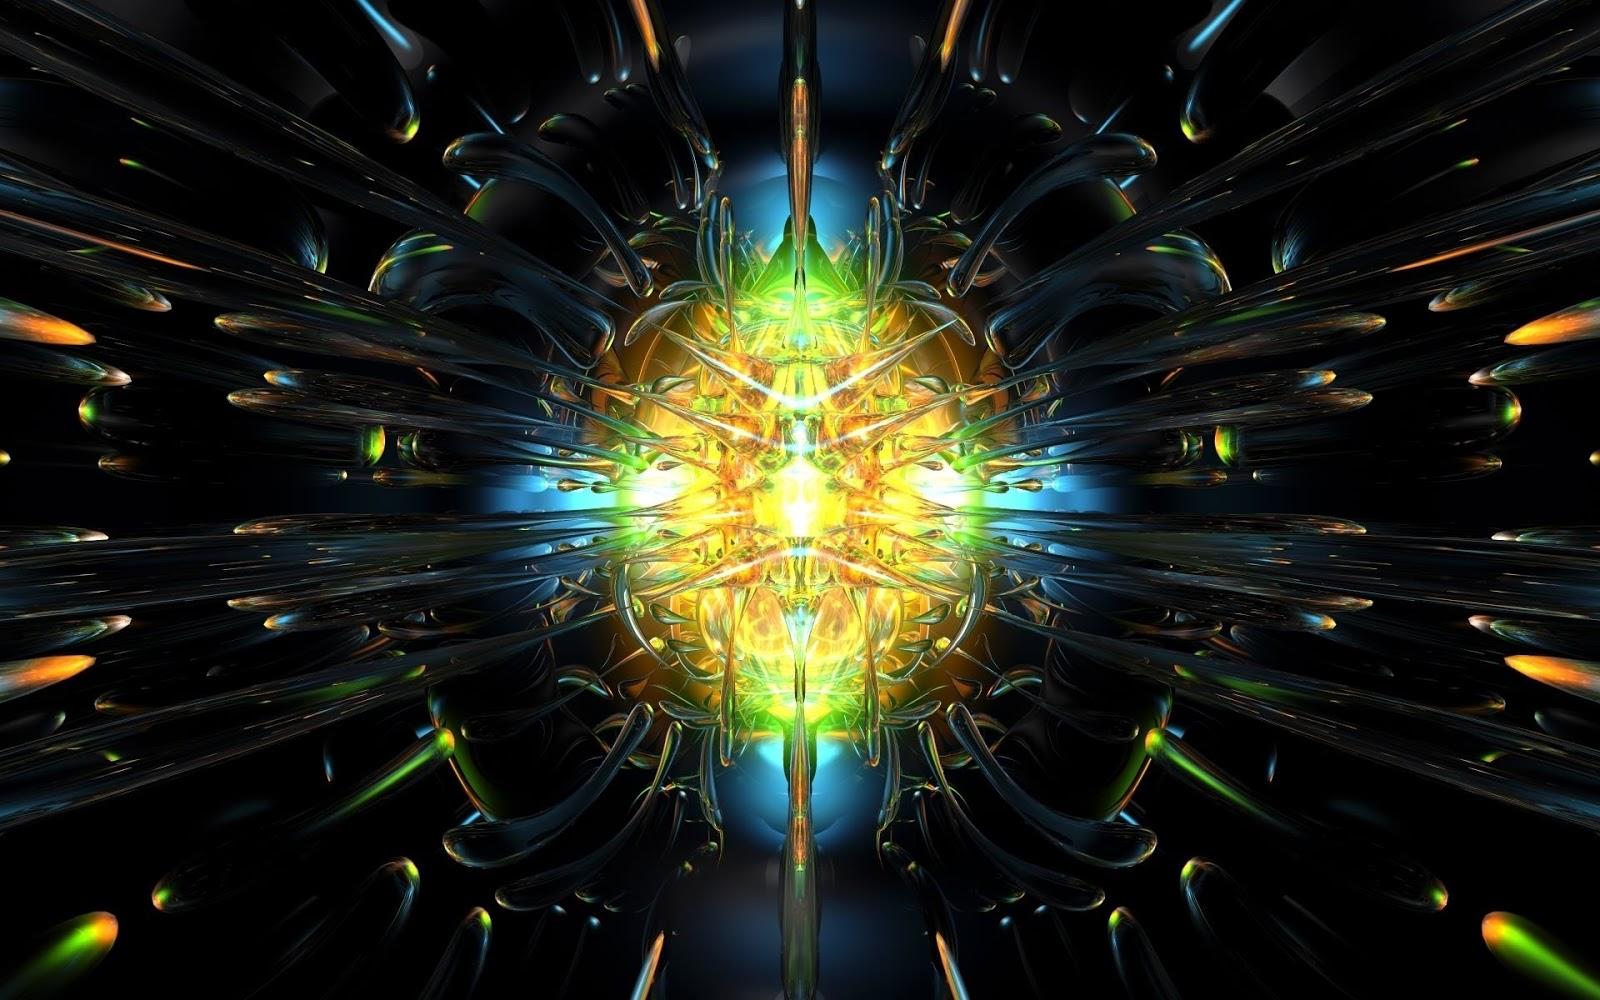 gallery 3d abstract desktop wallpapers